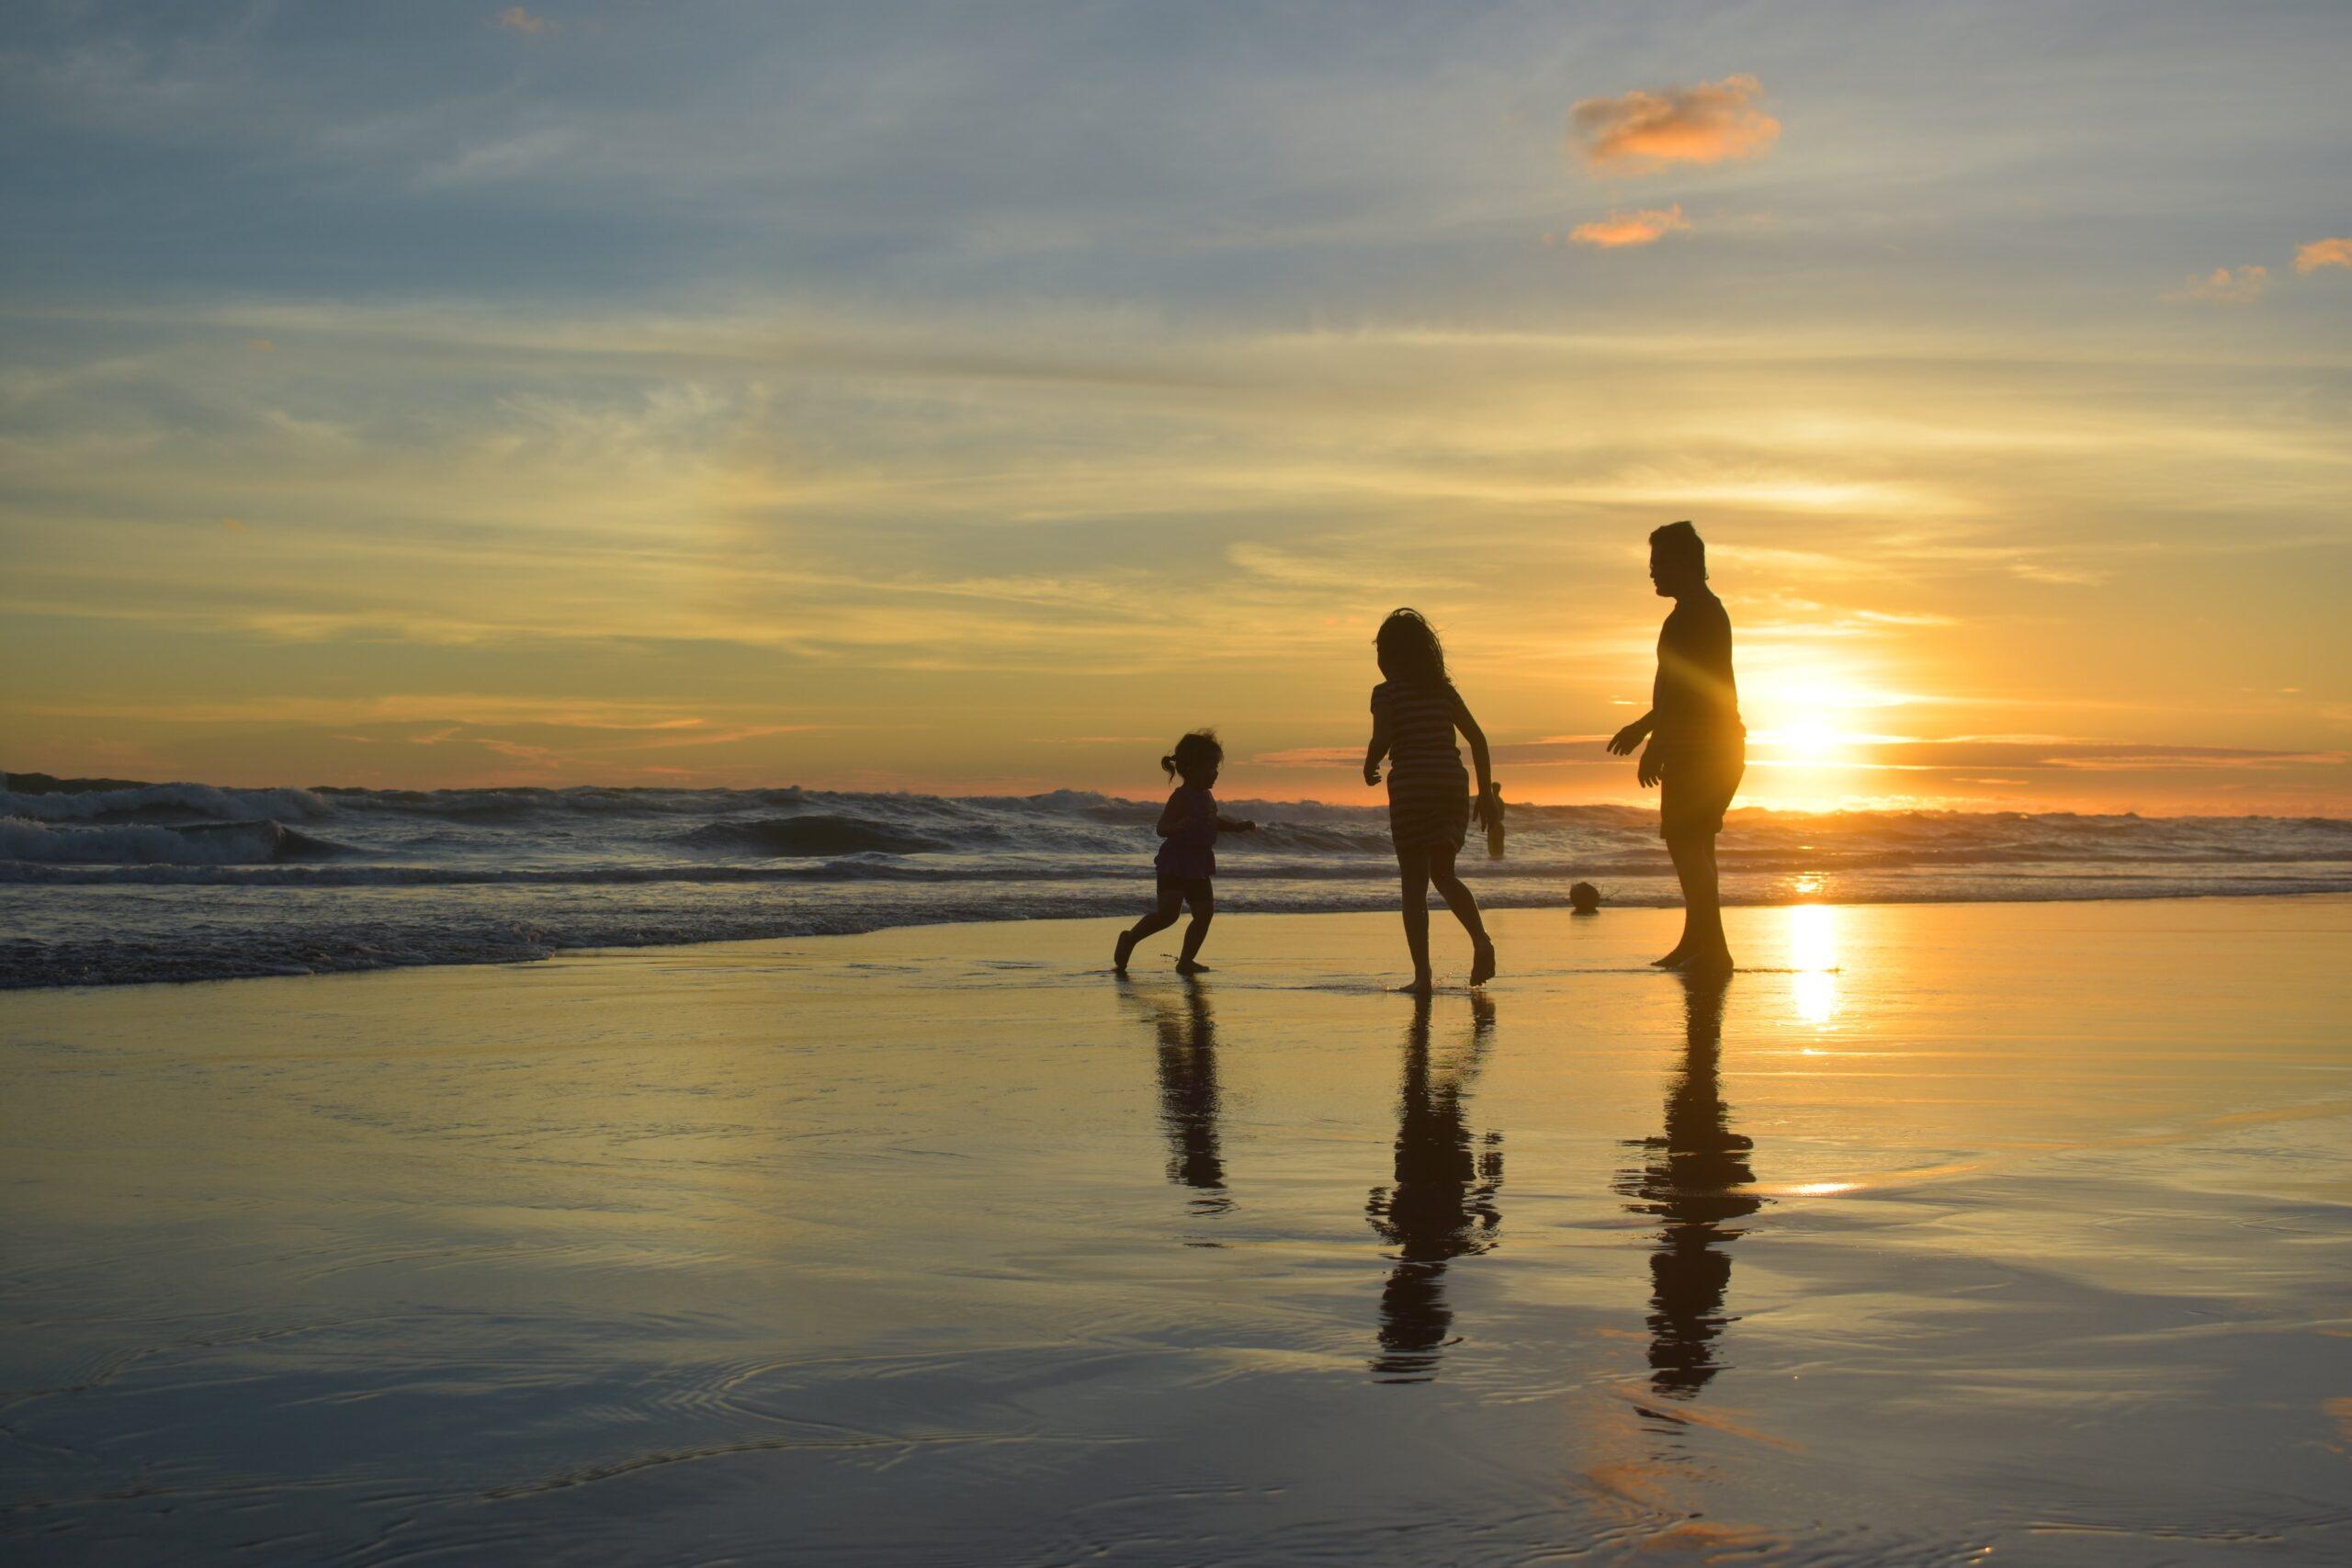 vacances au bord de la mer en famille